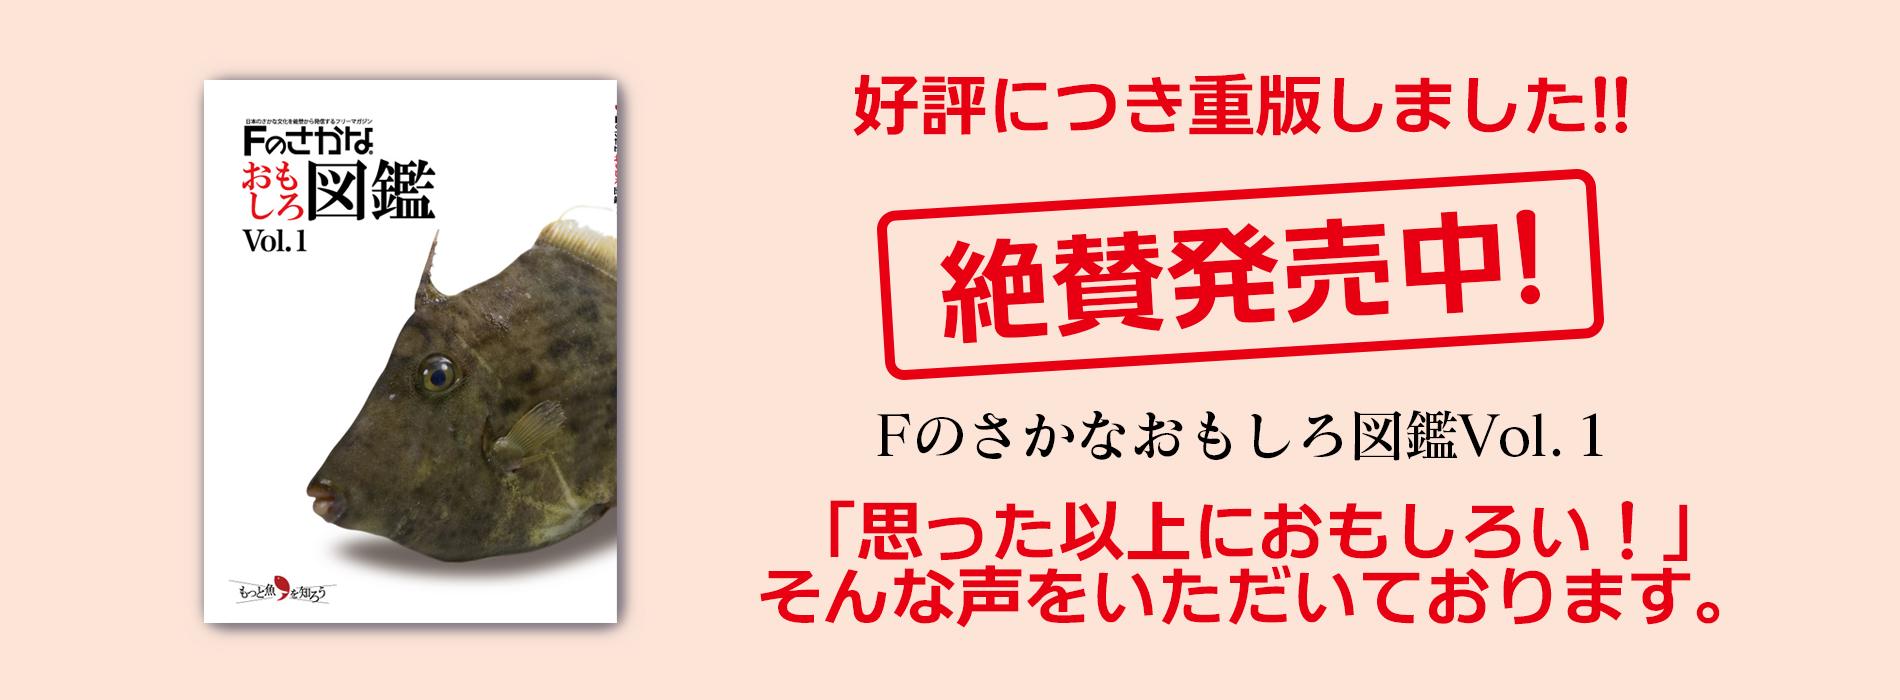 Fのさかなおもしろ図鑑Vol.1絶賛発売中!